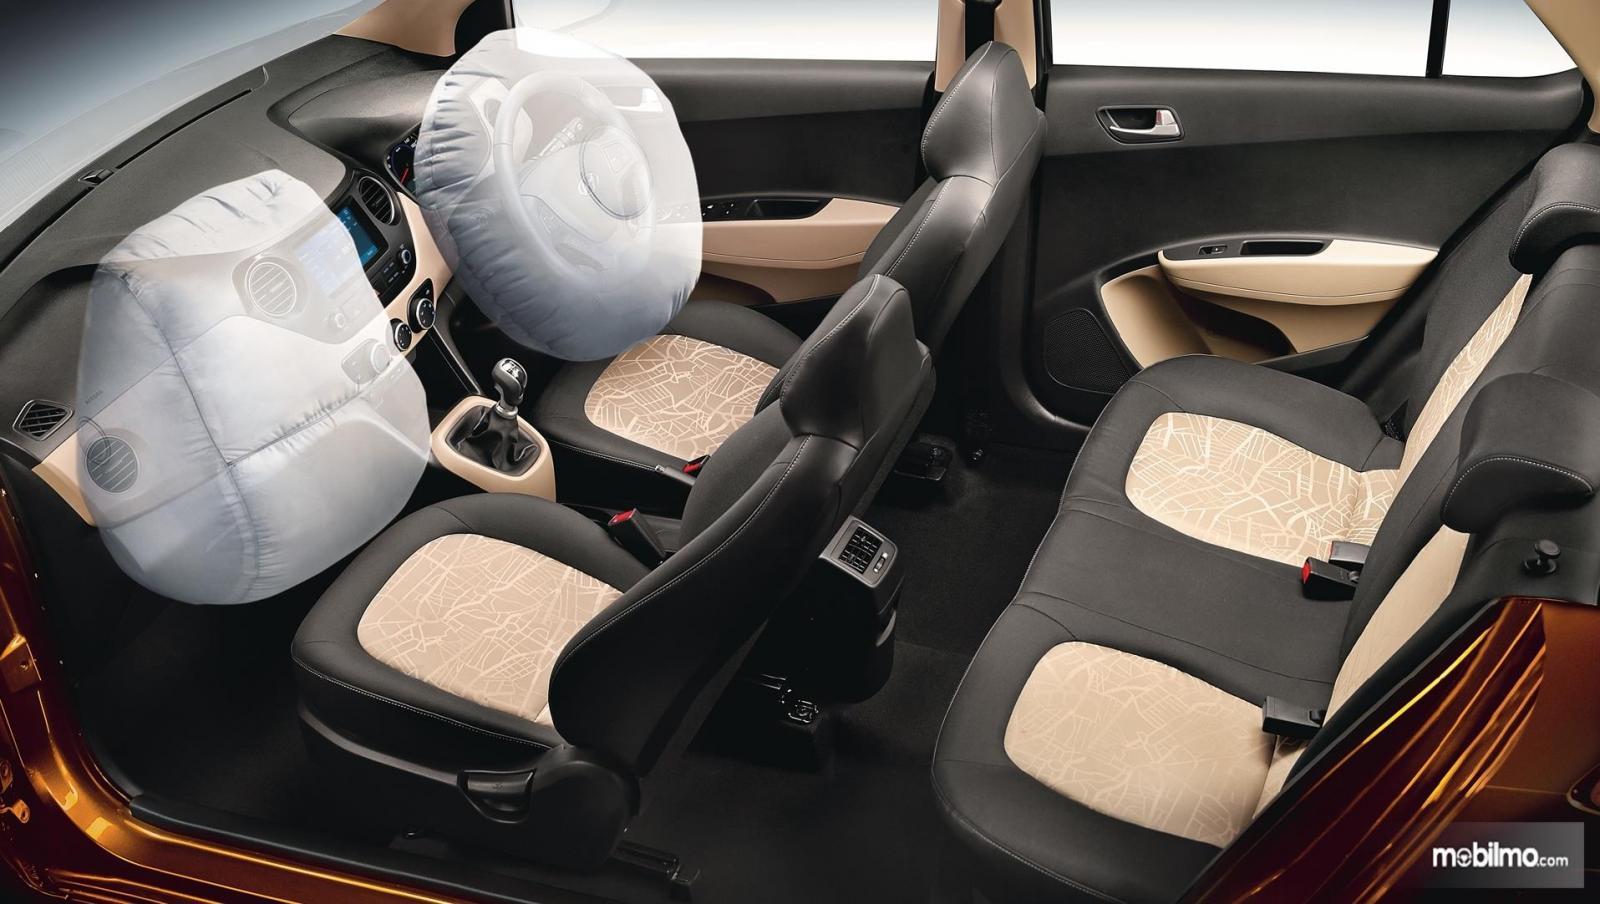 Foto kabin Hyundai Grand i10 yang hanya bisa memuat 5 penumpang dengan bagasi terbatas